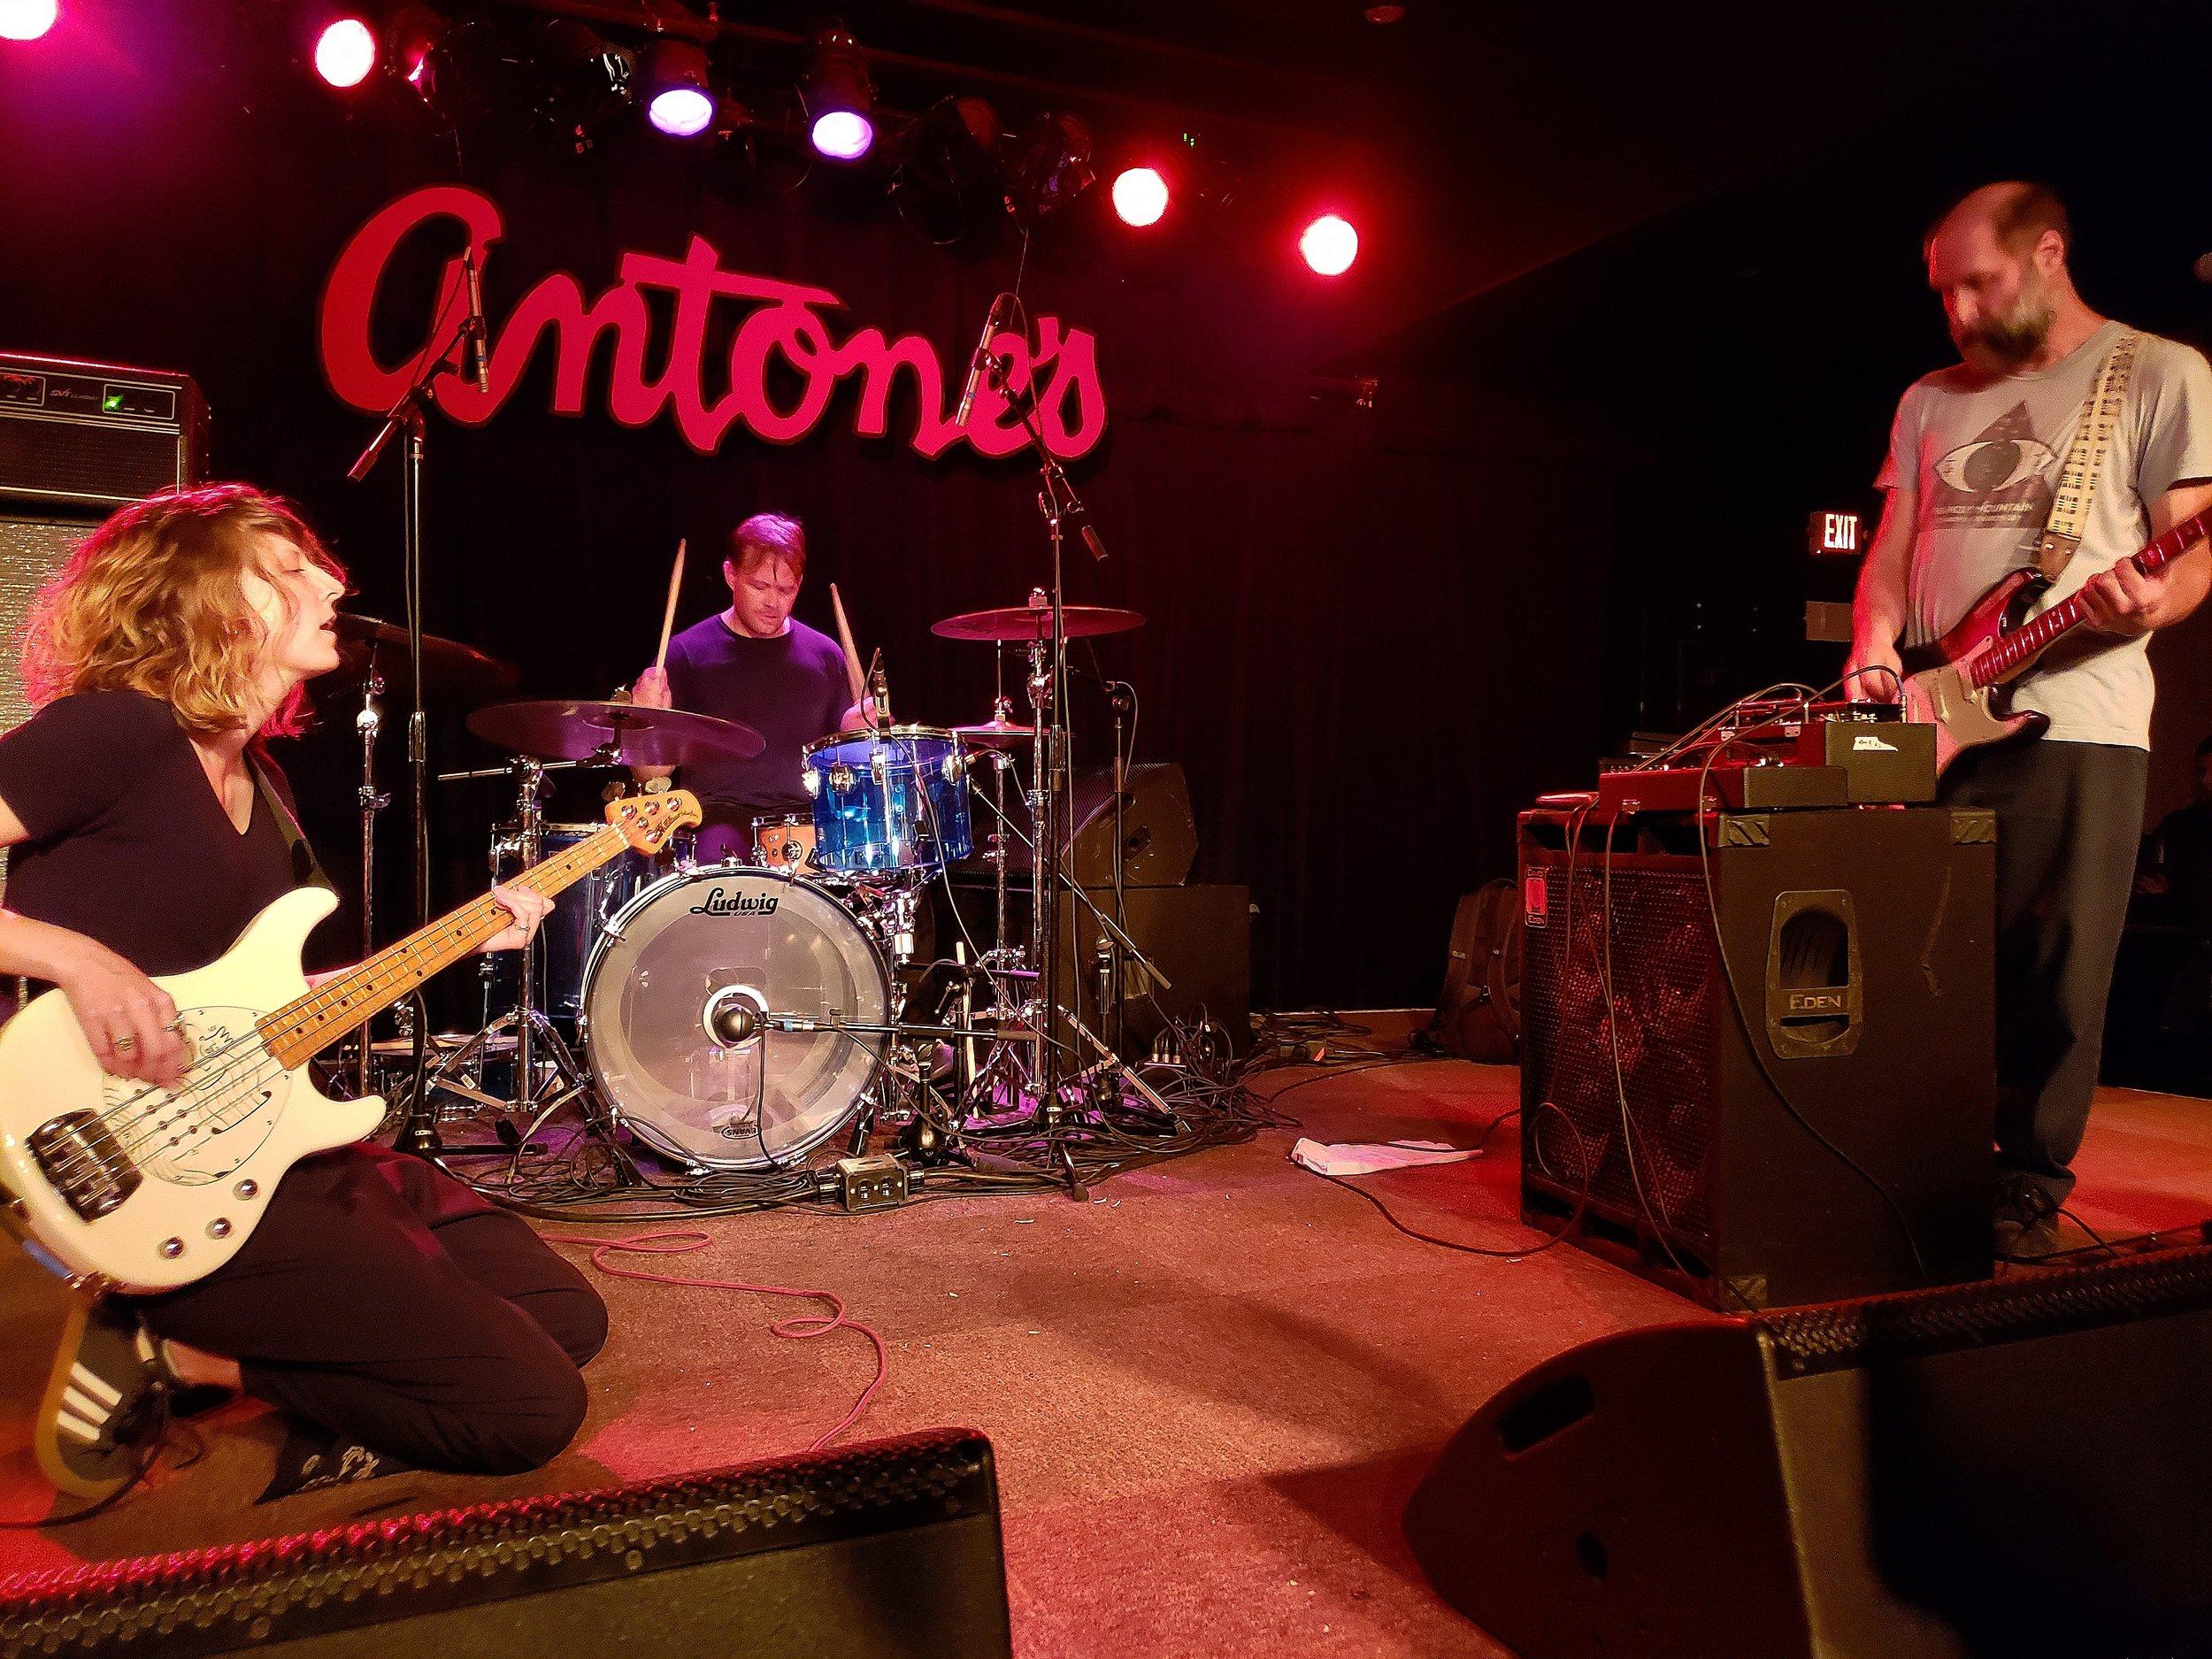 Photo by Alex Ortiz